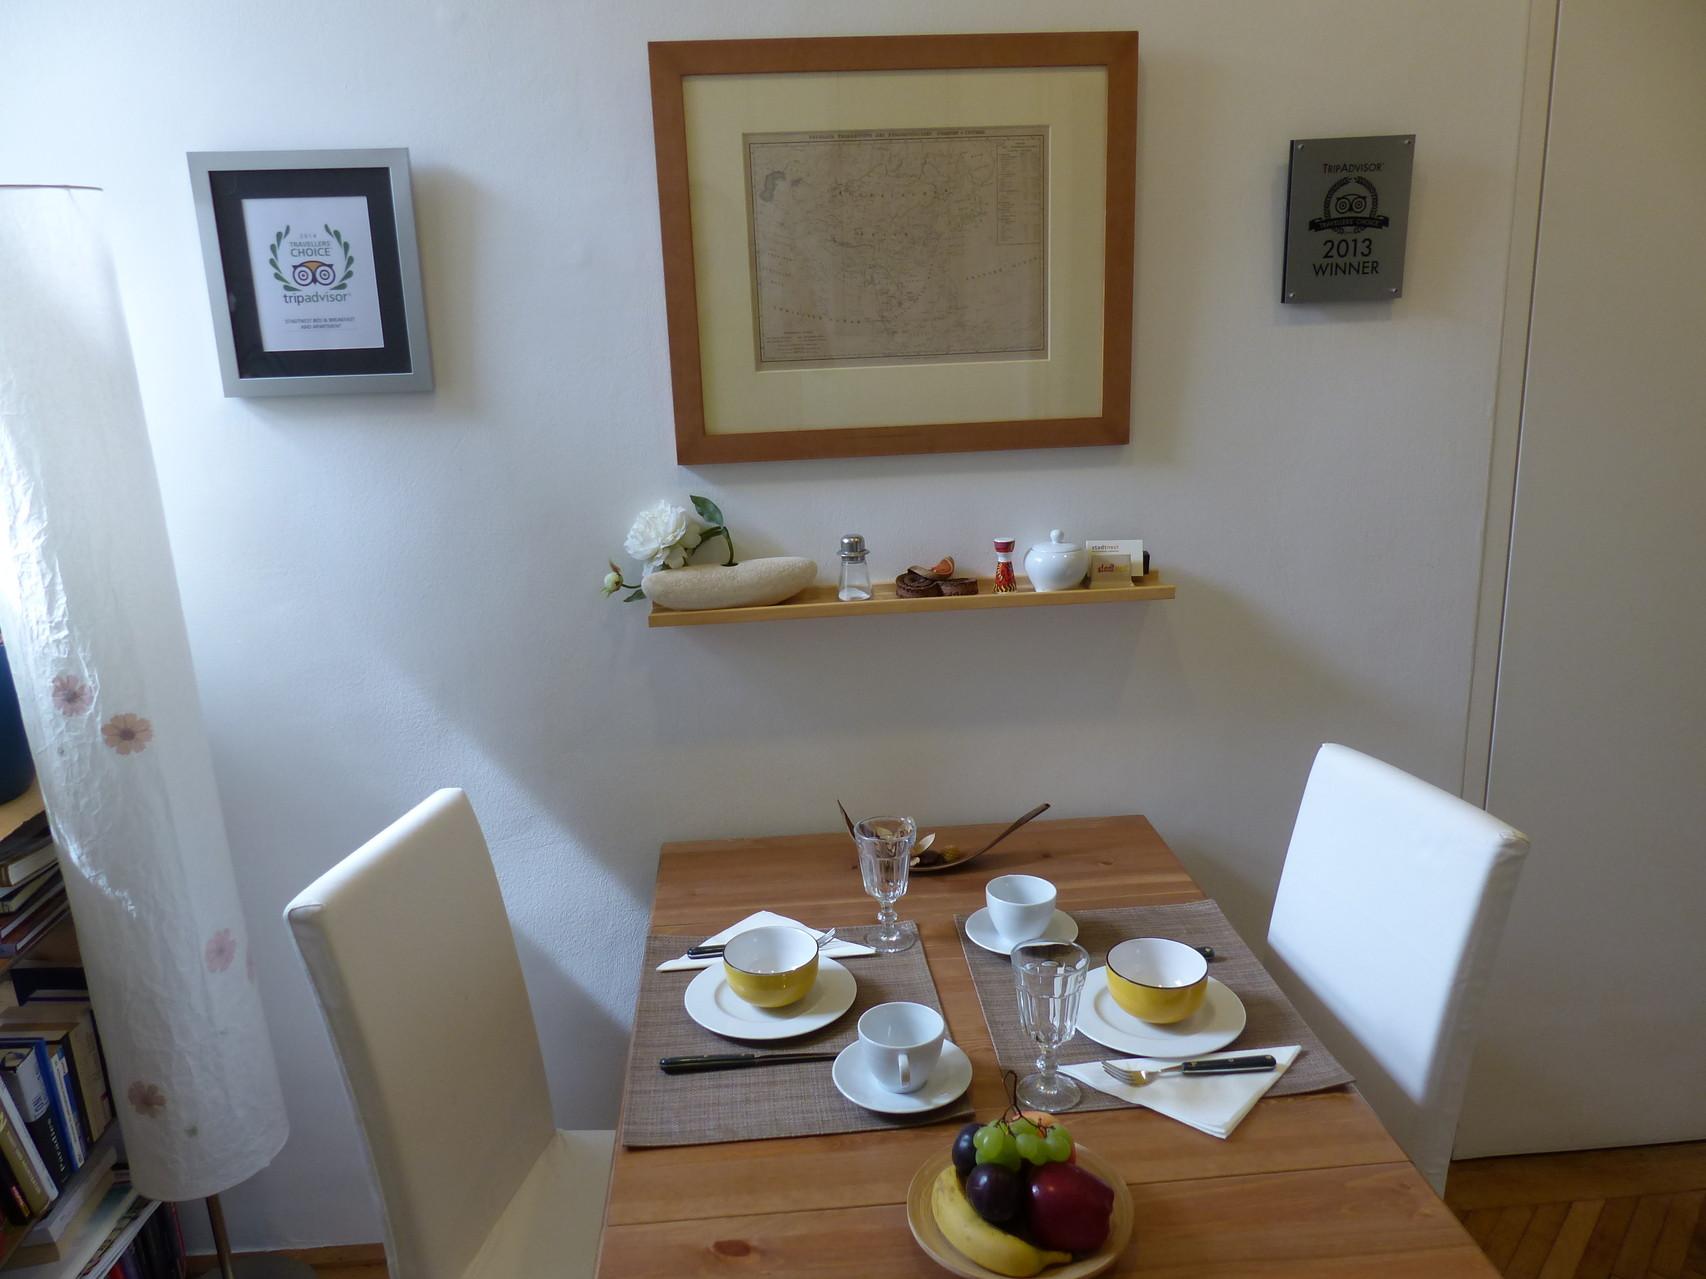 Frühstücksplatz im Eingangsbereich